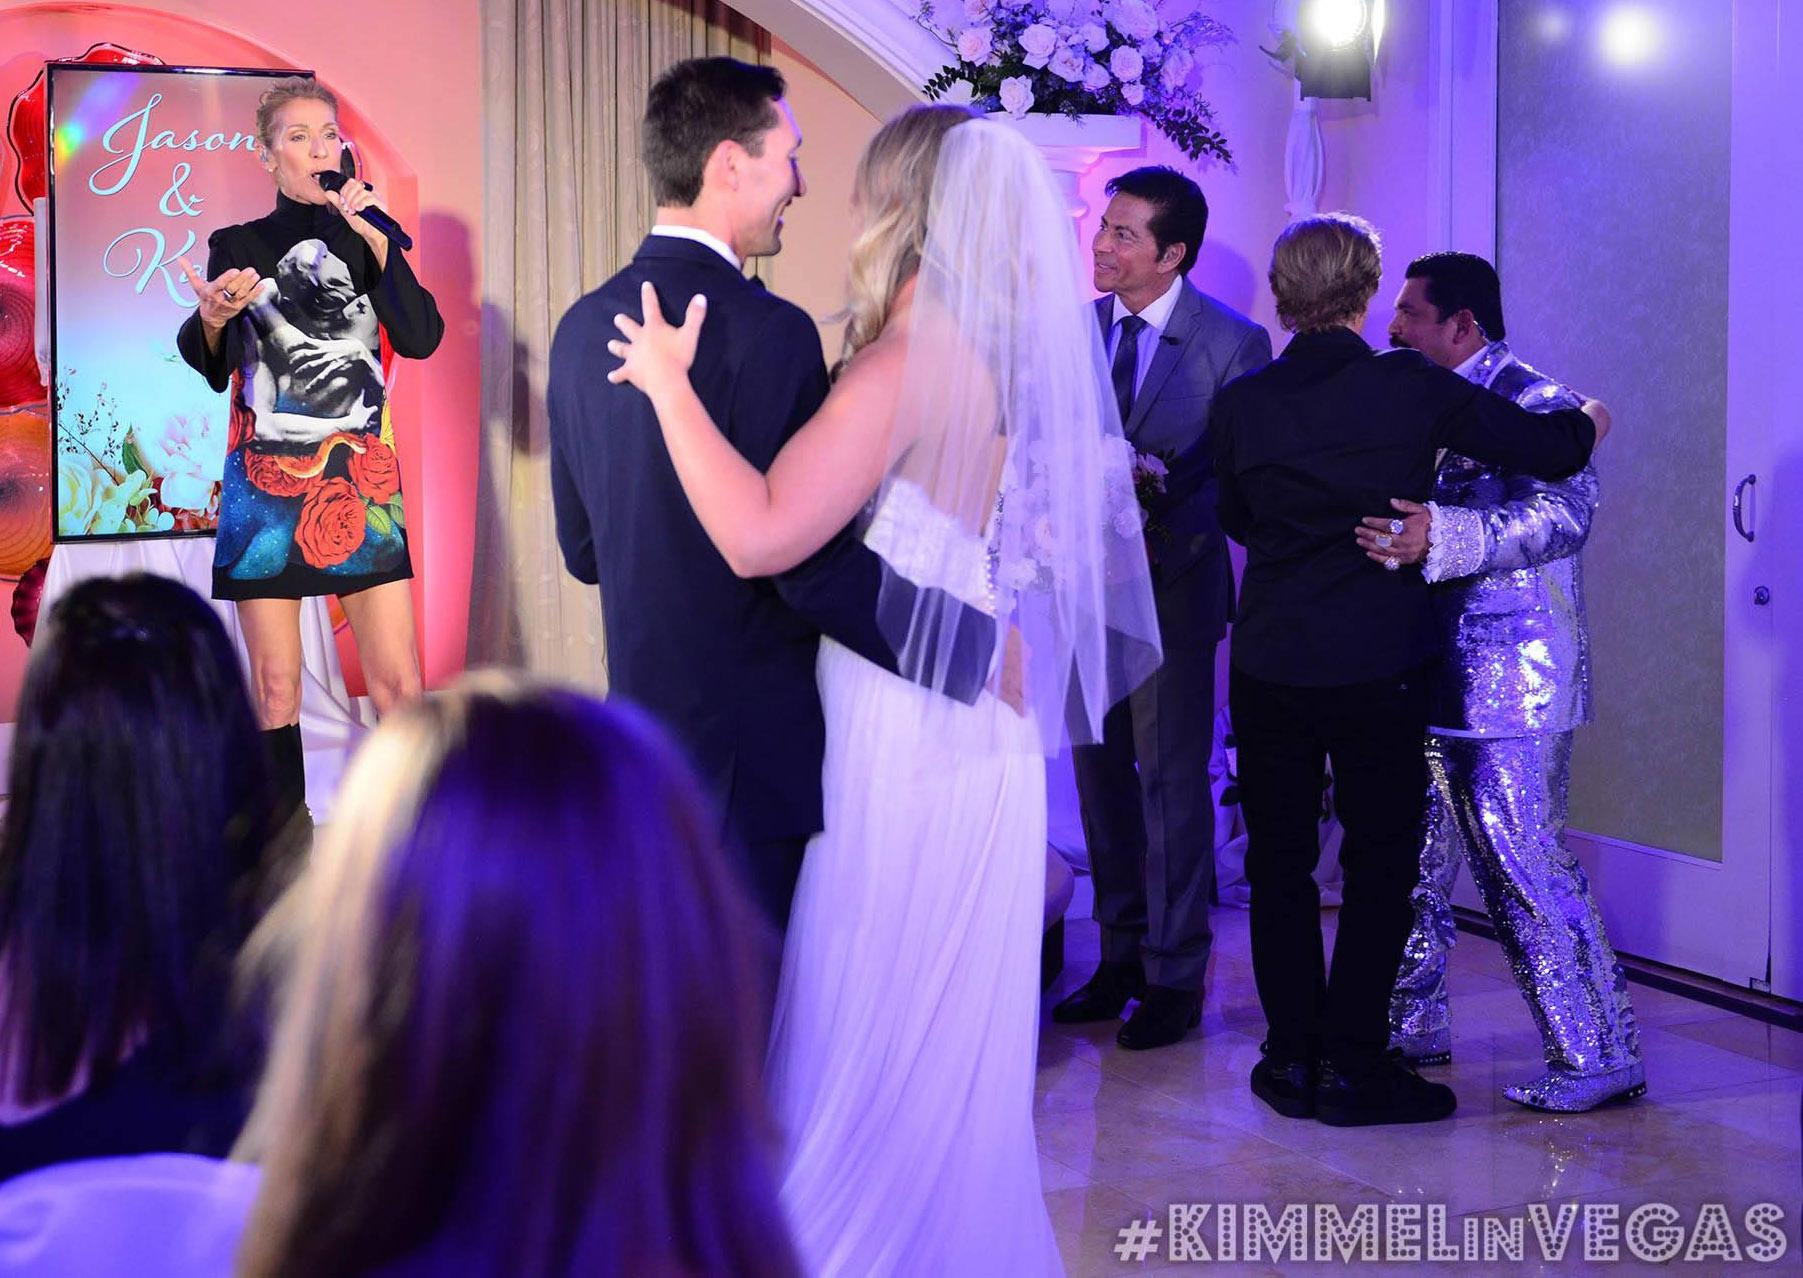 """Celine Dion """"imbucata"""" a sorpresa in un matrimonio a Las Vegas"""